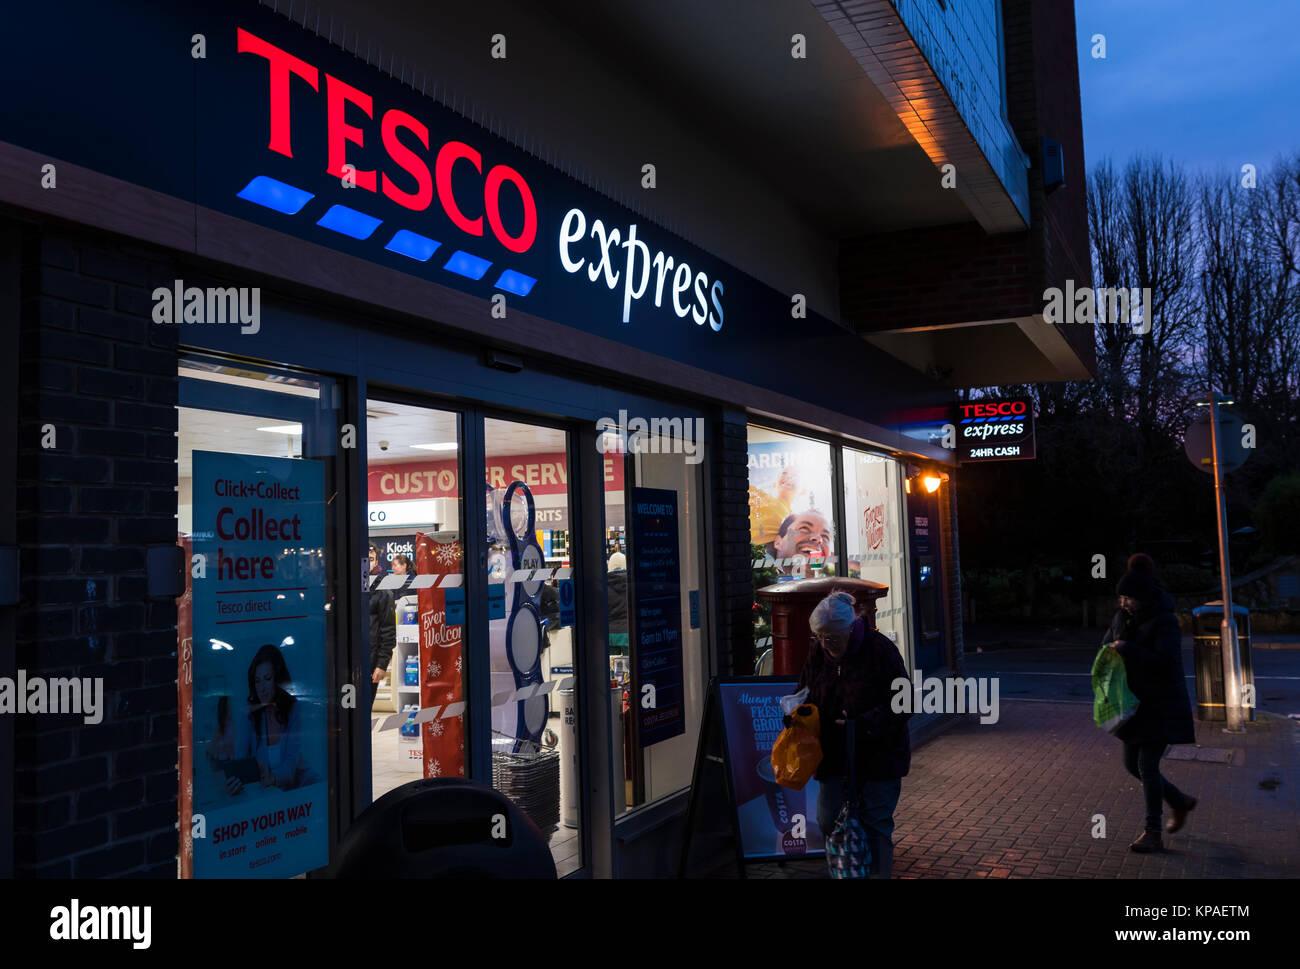 Tesco Express Shop, eine britische Lebensmittelgeschäft, offenen Abend im Winter in Rustington, West Sussex, Stockbild